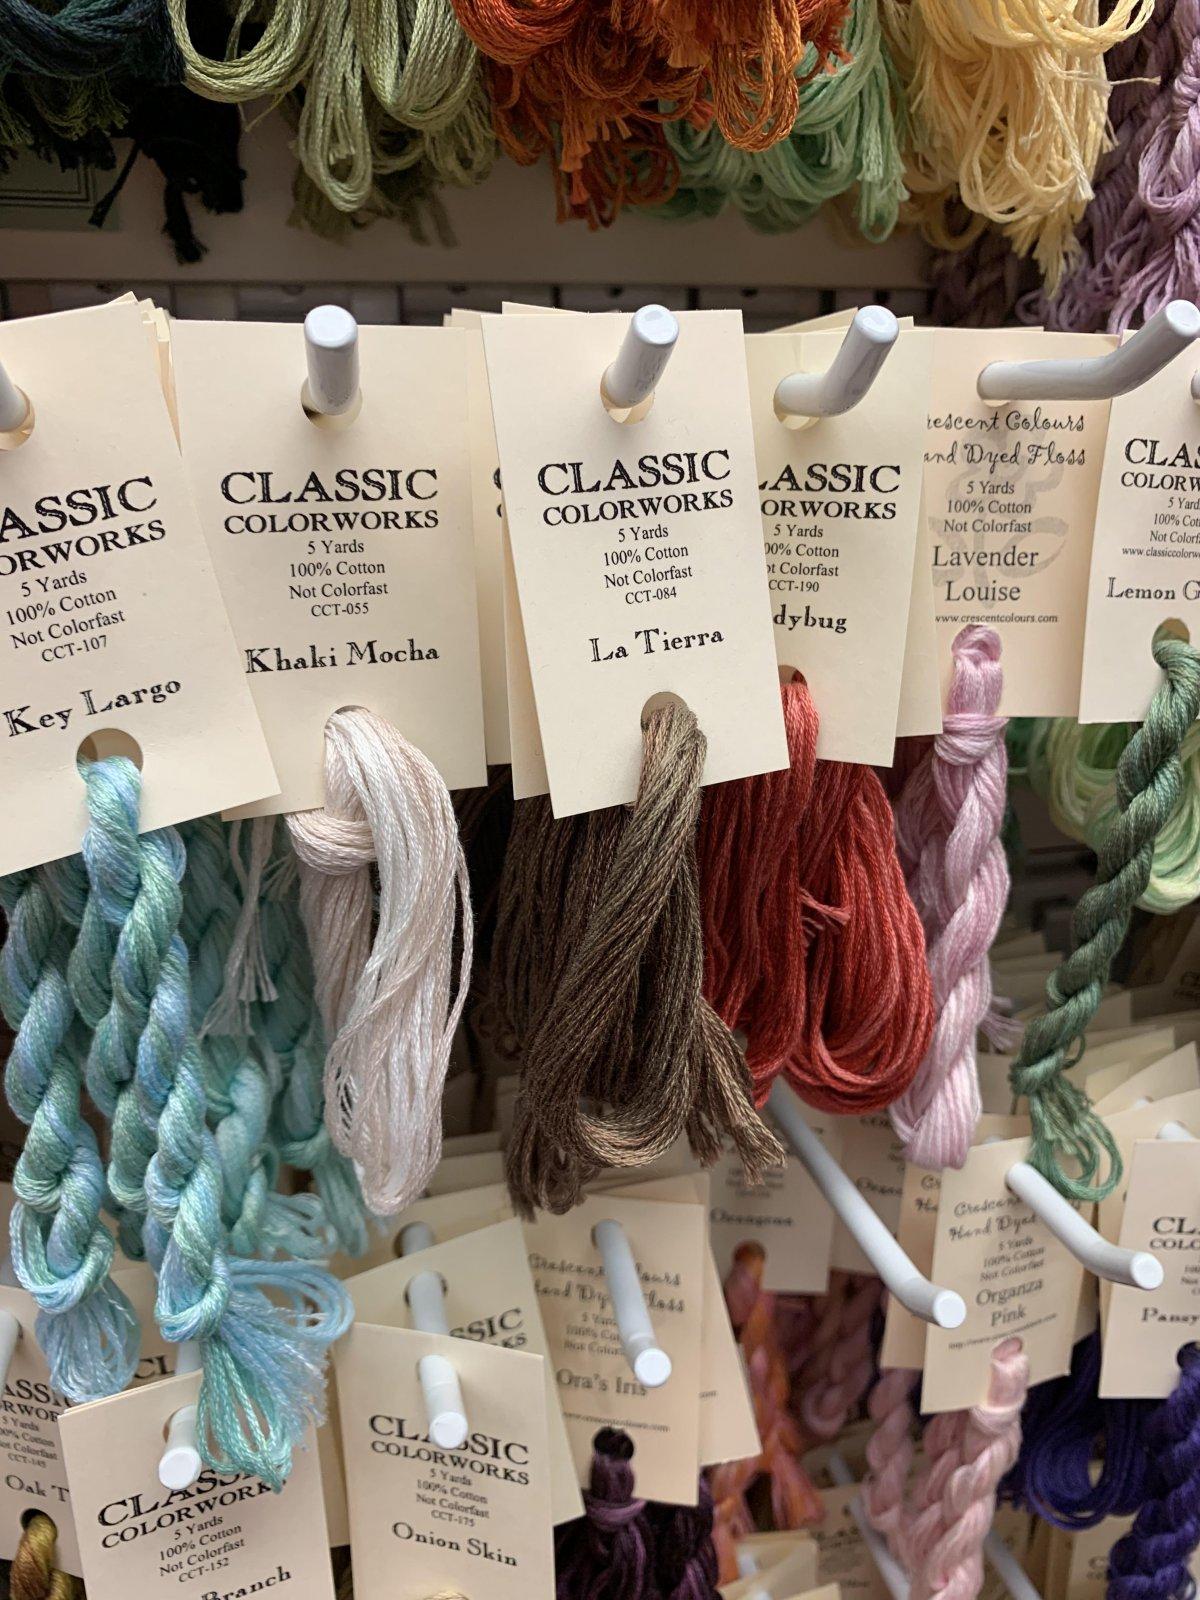 Classic Colorworks (CC) Cotton Floss